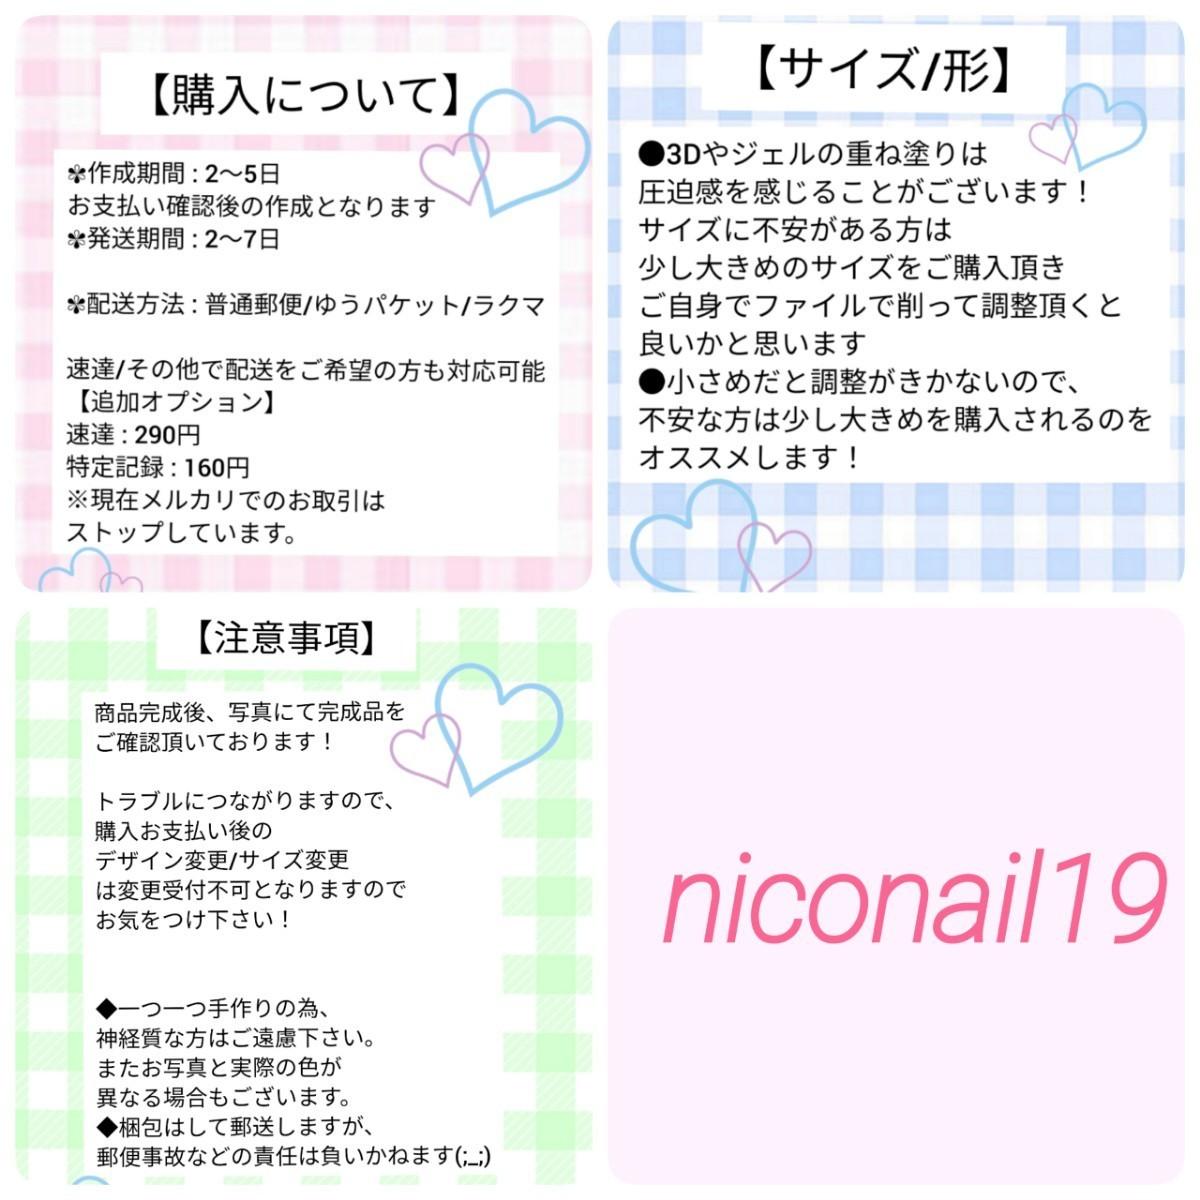 【オーダー専用】ネイルパーツ ネイルチップ オーダーネイル 衣装ネイル Snowman 美少年 キンプリ SixTONES